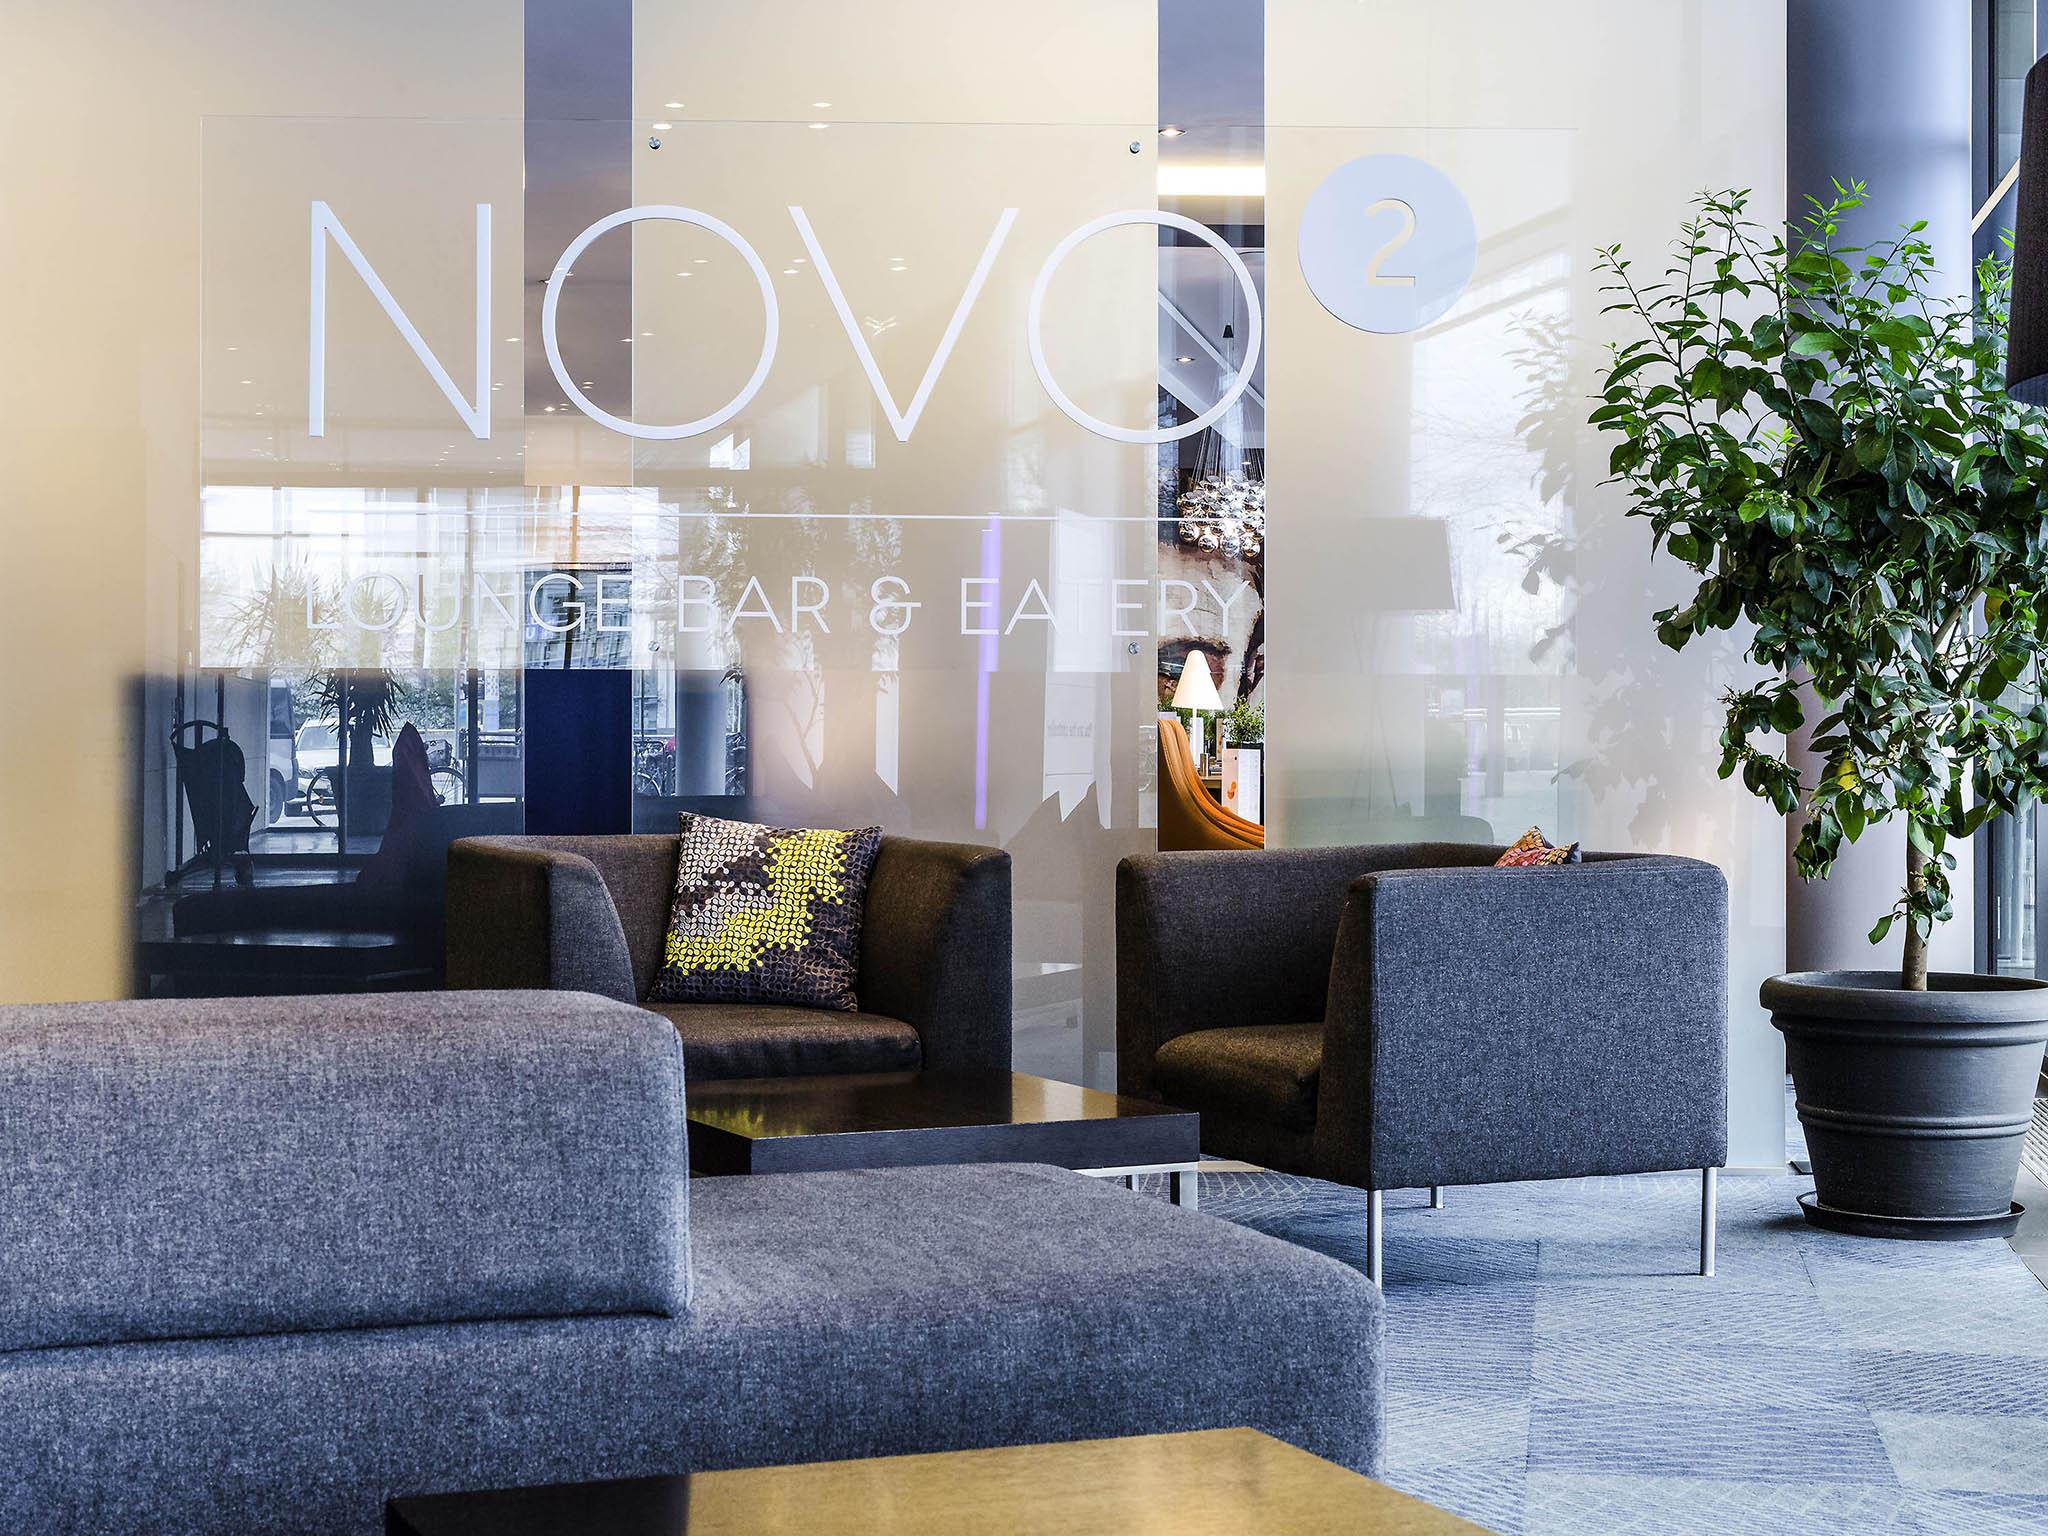 فندق - فندق نوفوتيل Novotel مونشن ميسي